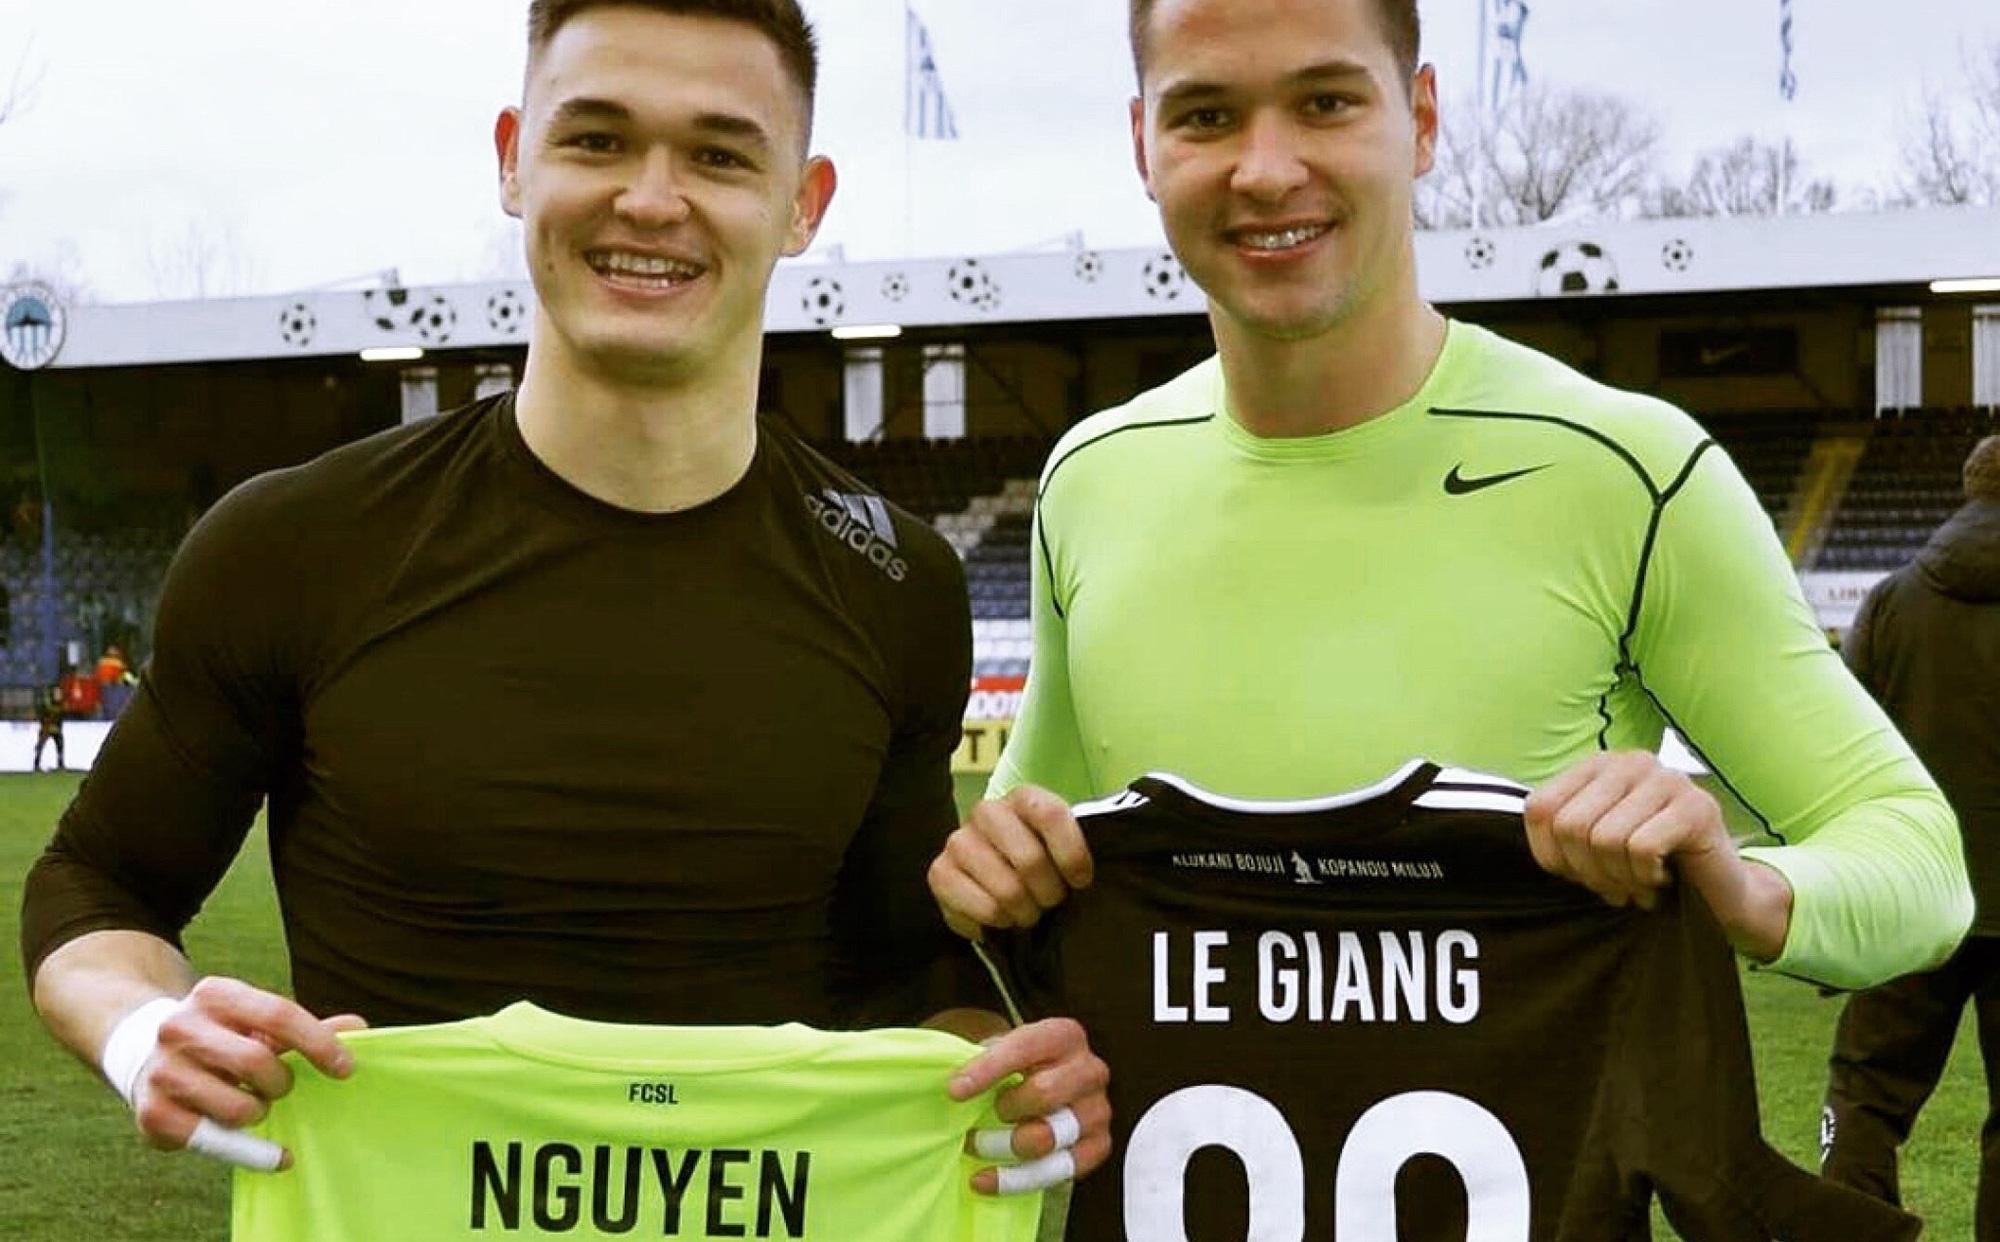 Sau Filip Nguyễn, thêm 1 thủ môn Việt kiều tỏa sáng ở châu Âu, thầy Park liệu có động tâm?